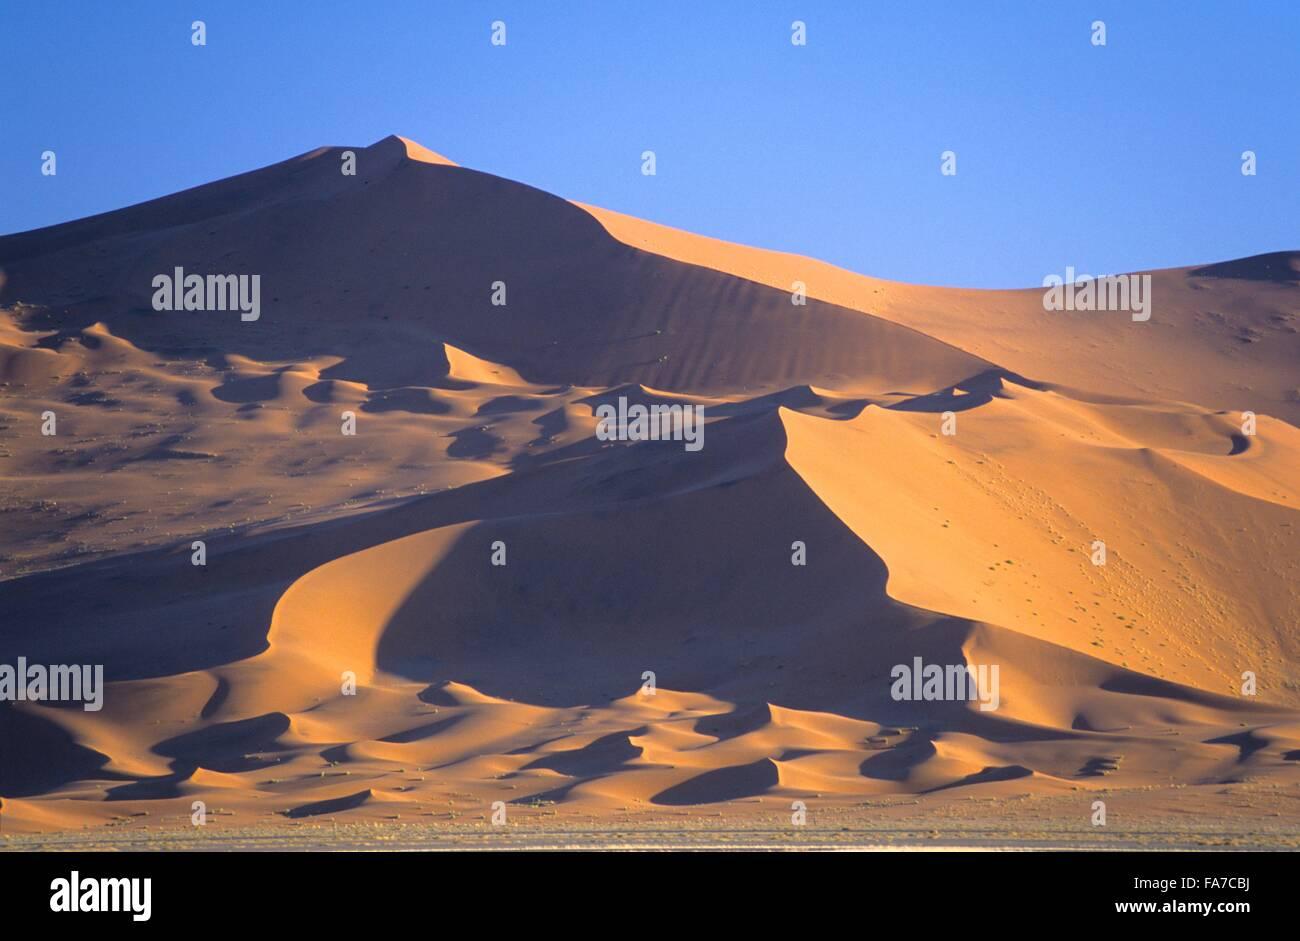 Namibia, Namib-Naukluft National park, Sesriem   // Namibie, Namib-Naukluft National park, Sesriem - Stock Image